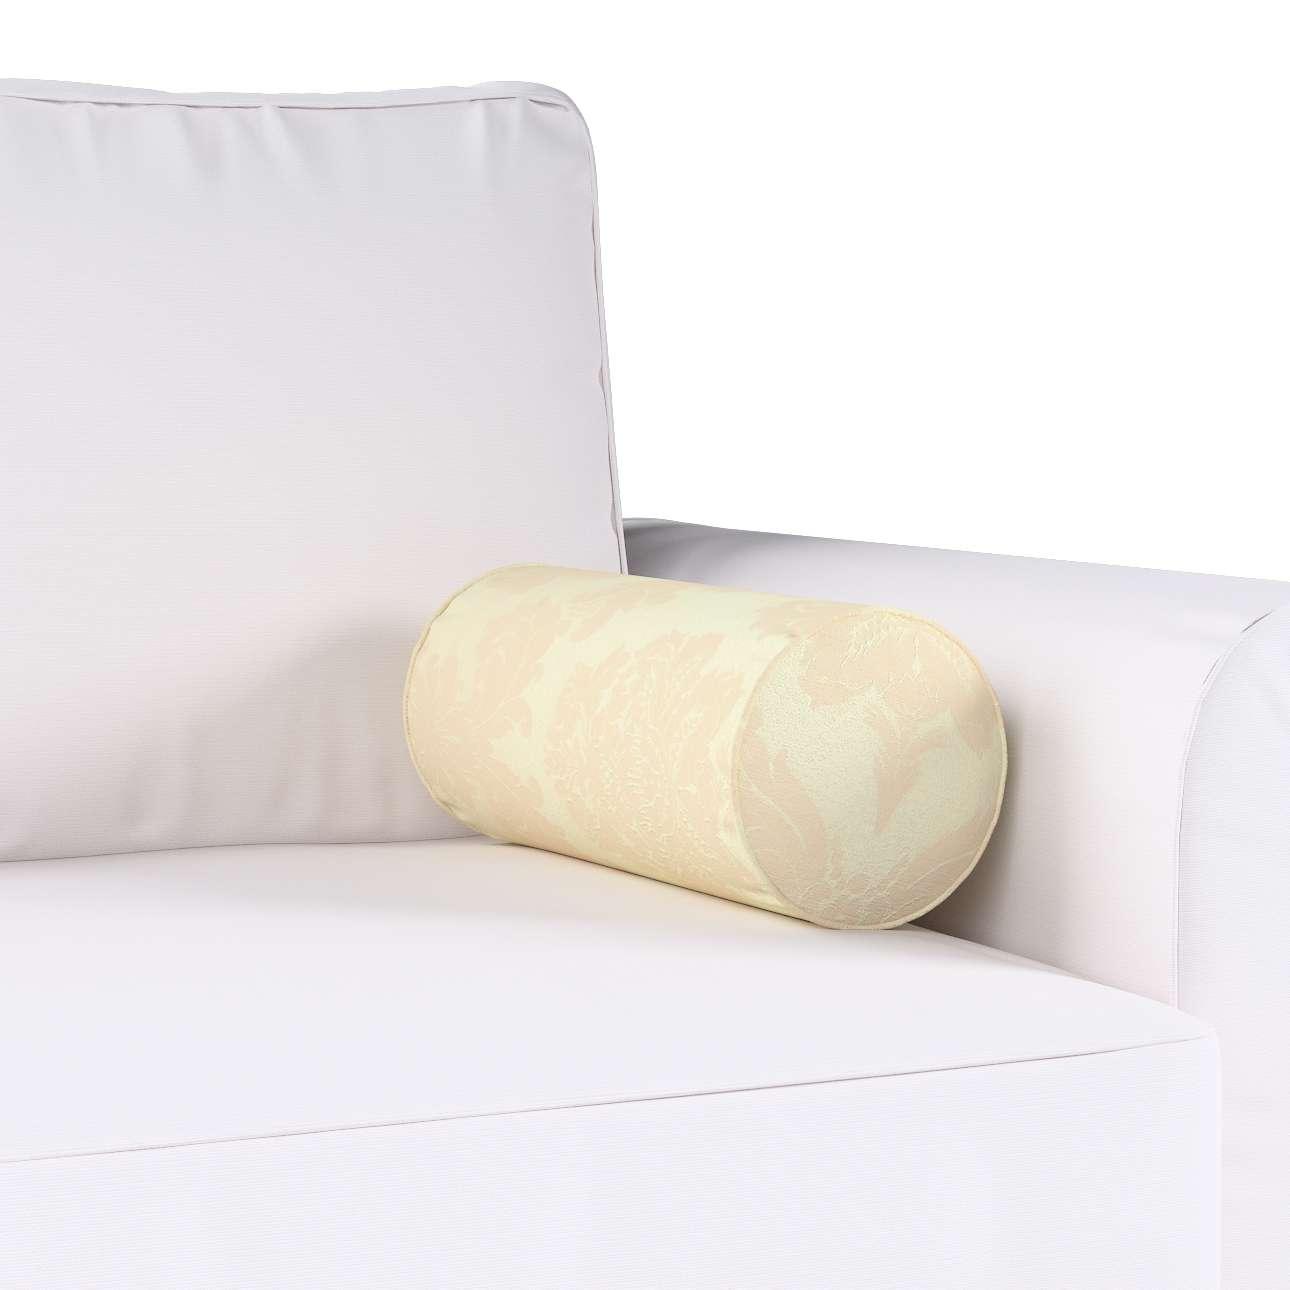 Ritinio formos  pagalvėlė Ø 16 x 40 cm (6 x 16 inch) kolekcijoje Damasco, audinys: 613-01